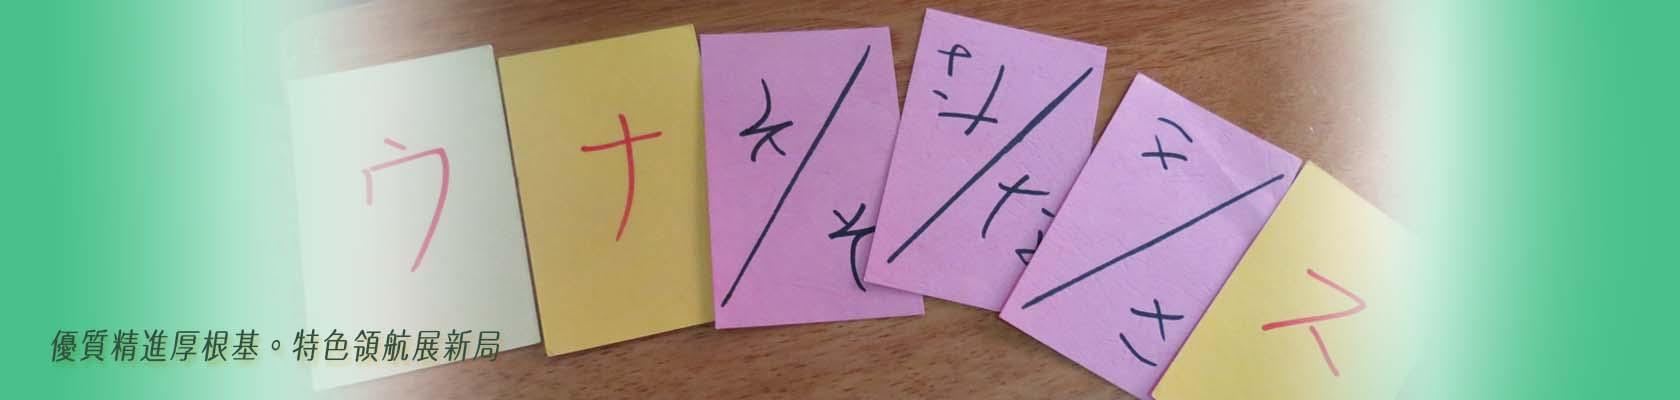 基礎日文-字卡閱讀練習